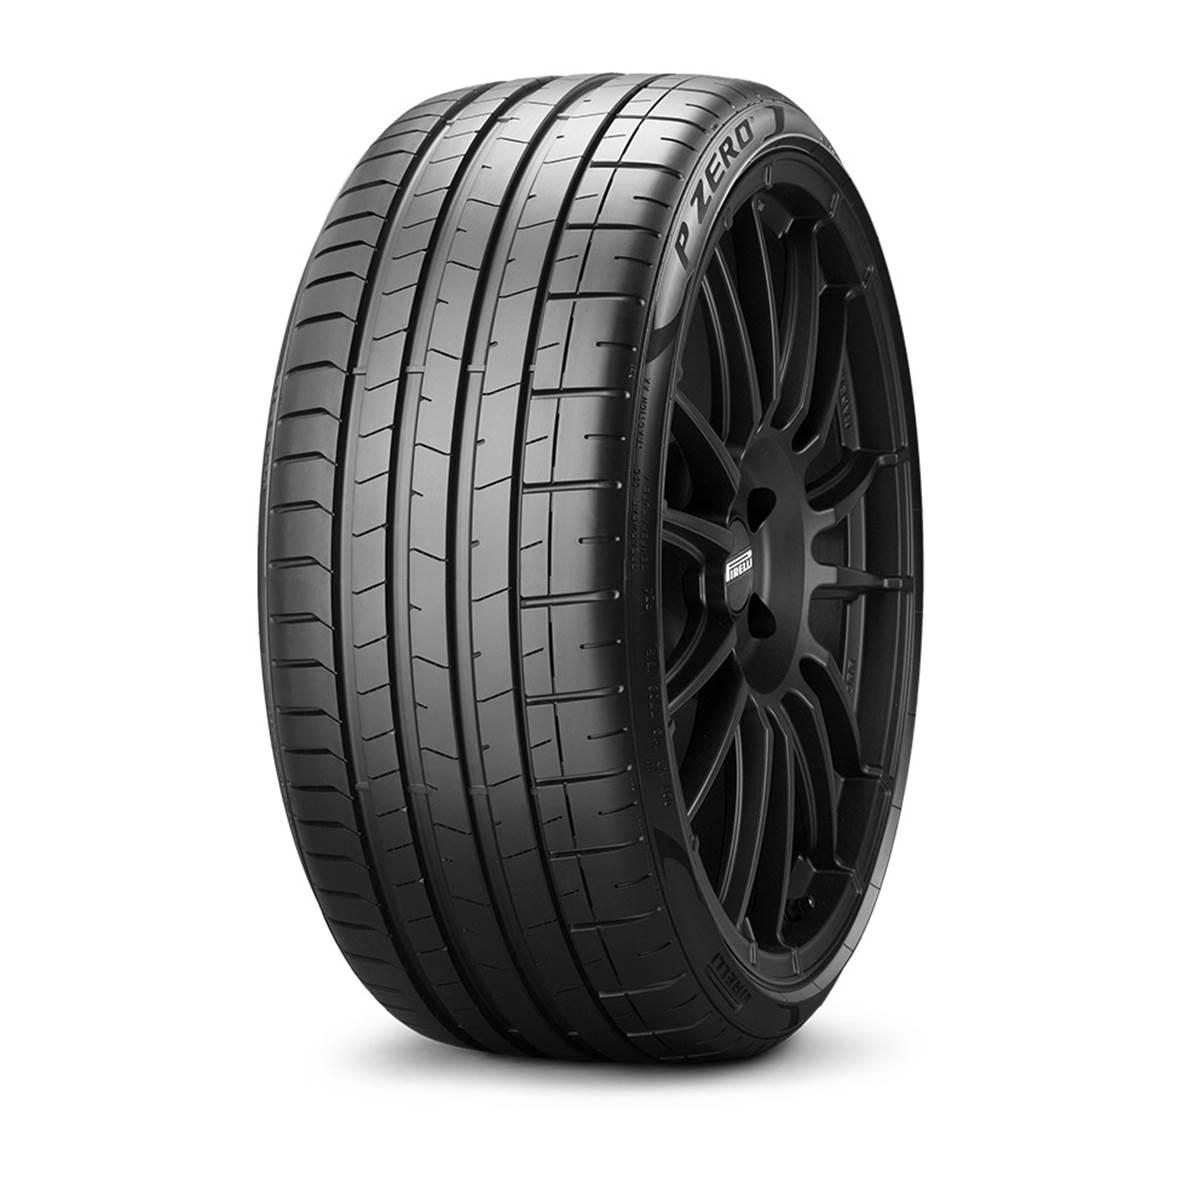 Pneu Pirelli 275/35R20 102Y Pzero XL